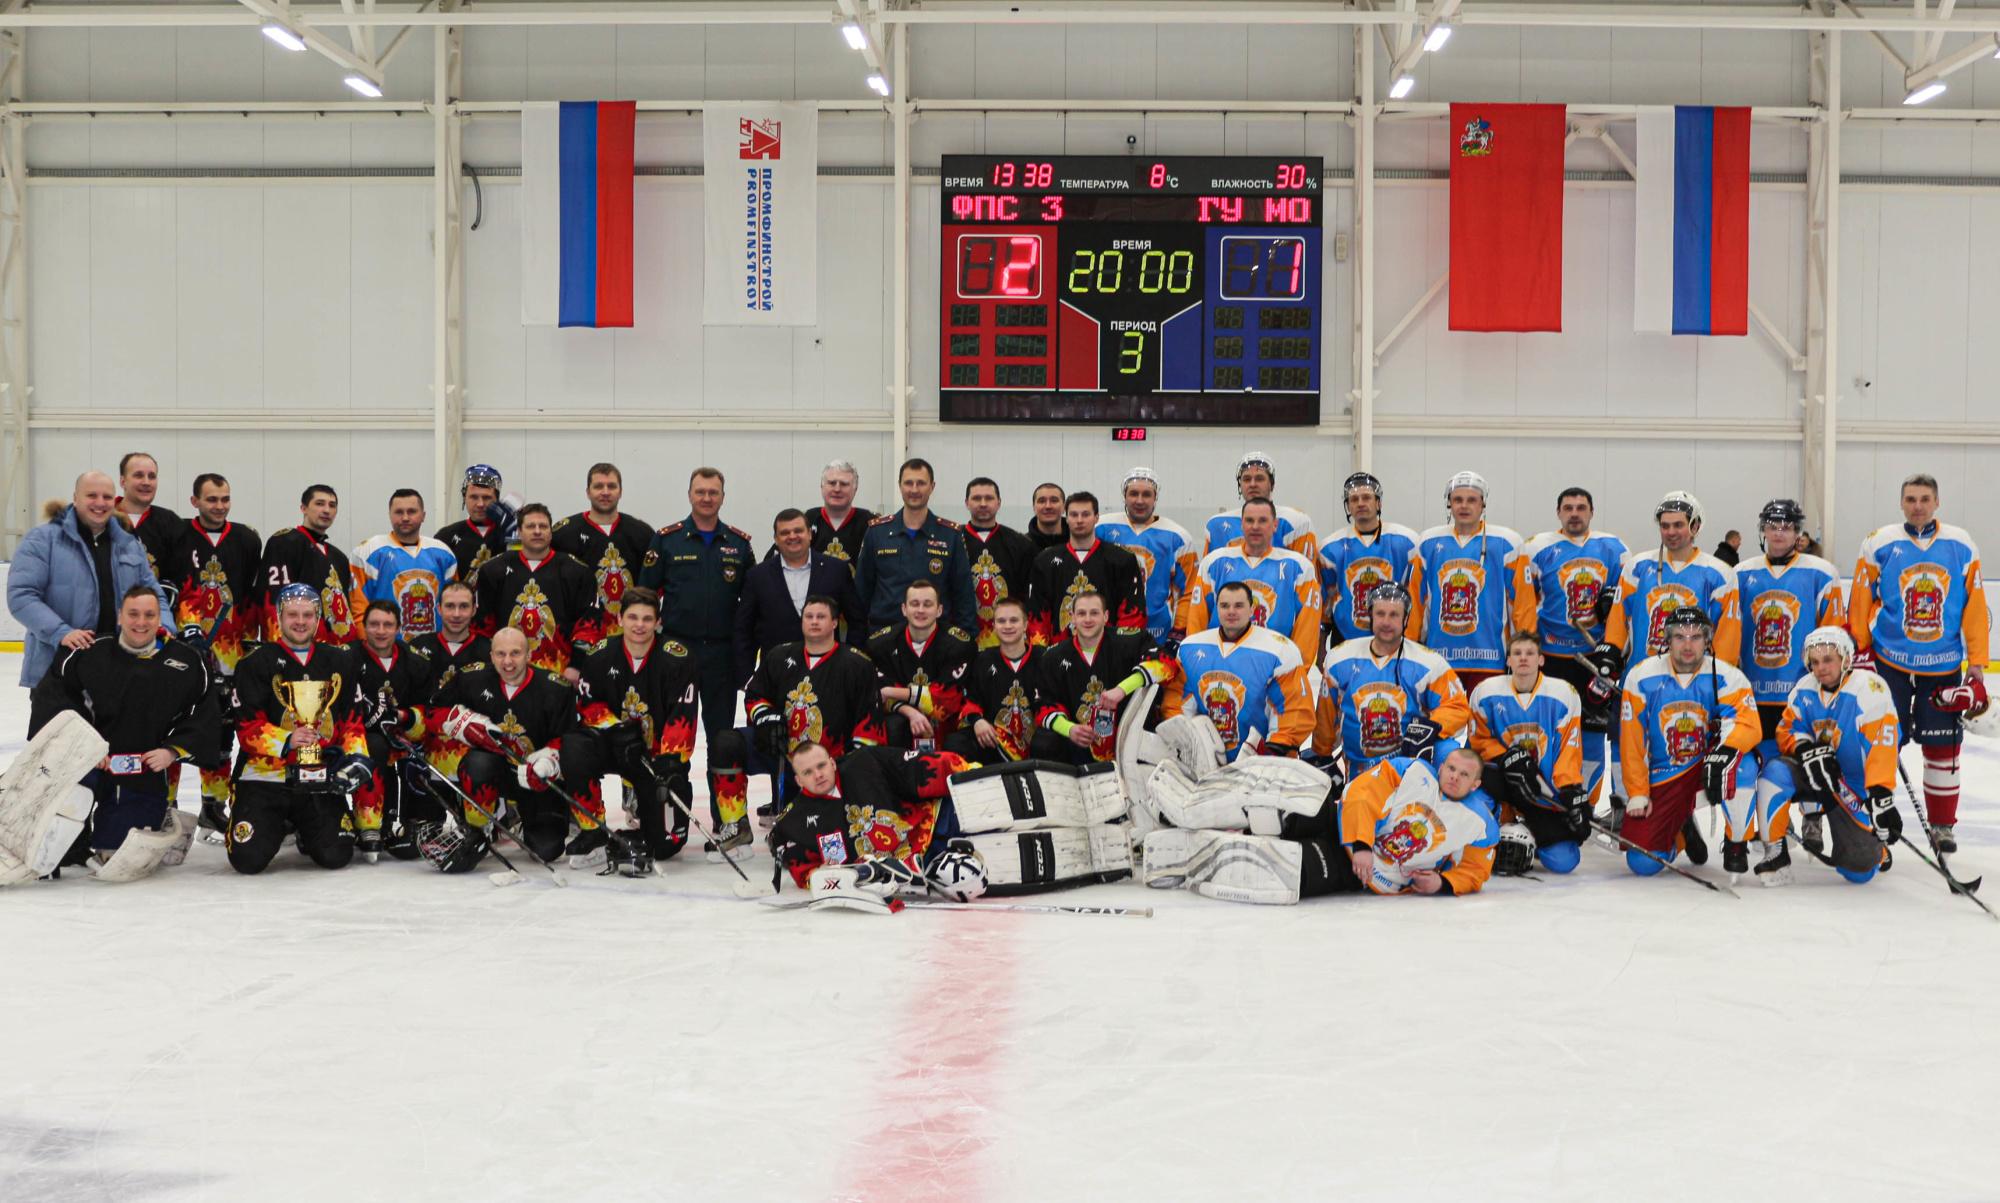 Пожарные провели традиционный товарищеский матч по хоккею в честь Дня защитника Отечества